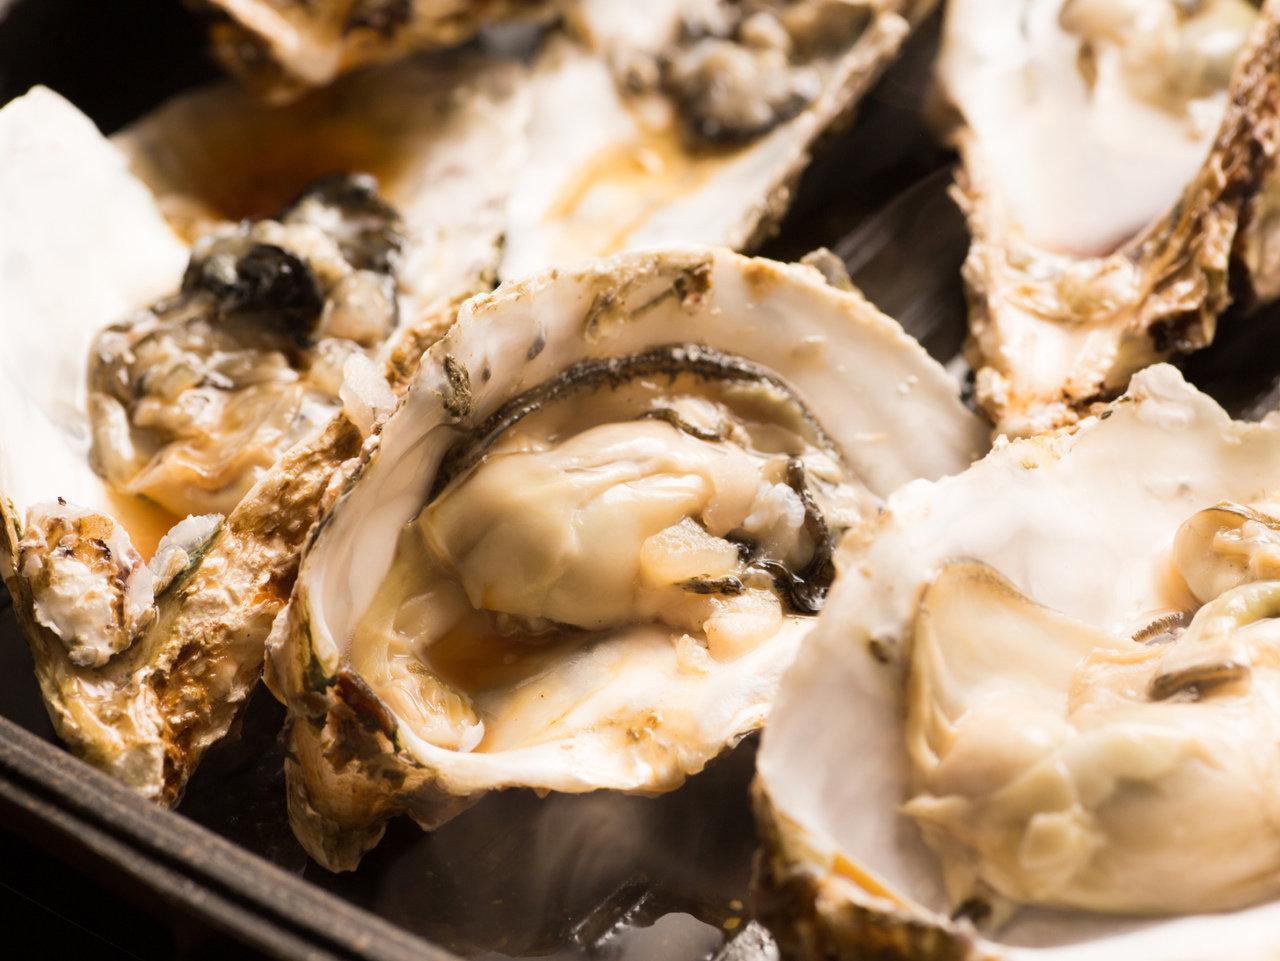 ぷりっぷりで冬が旬!海のミルク・牡蠣の消費量TOP3は広島市、長崎市、もう一つは?